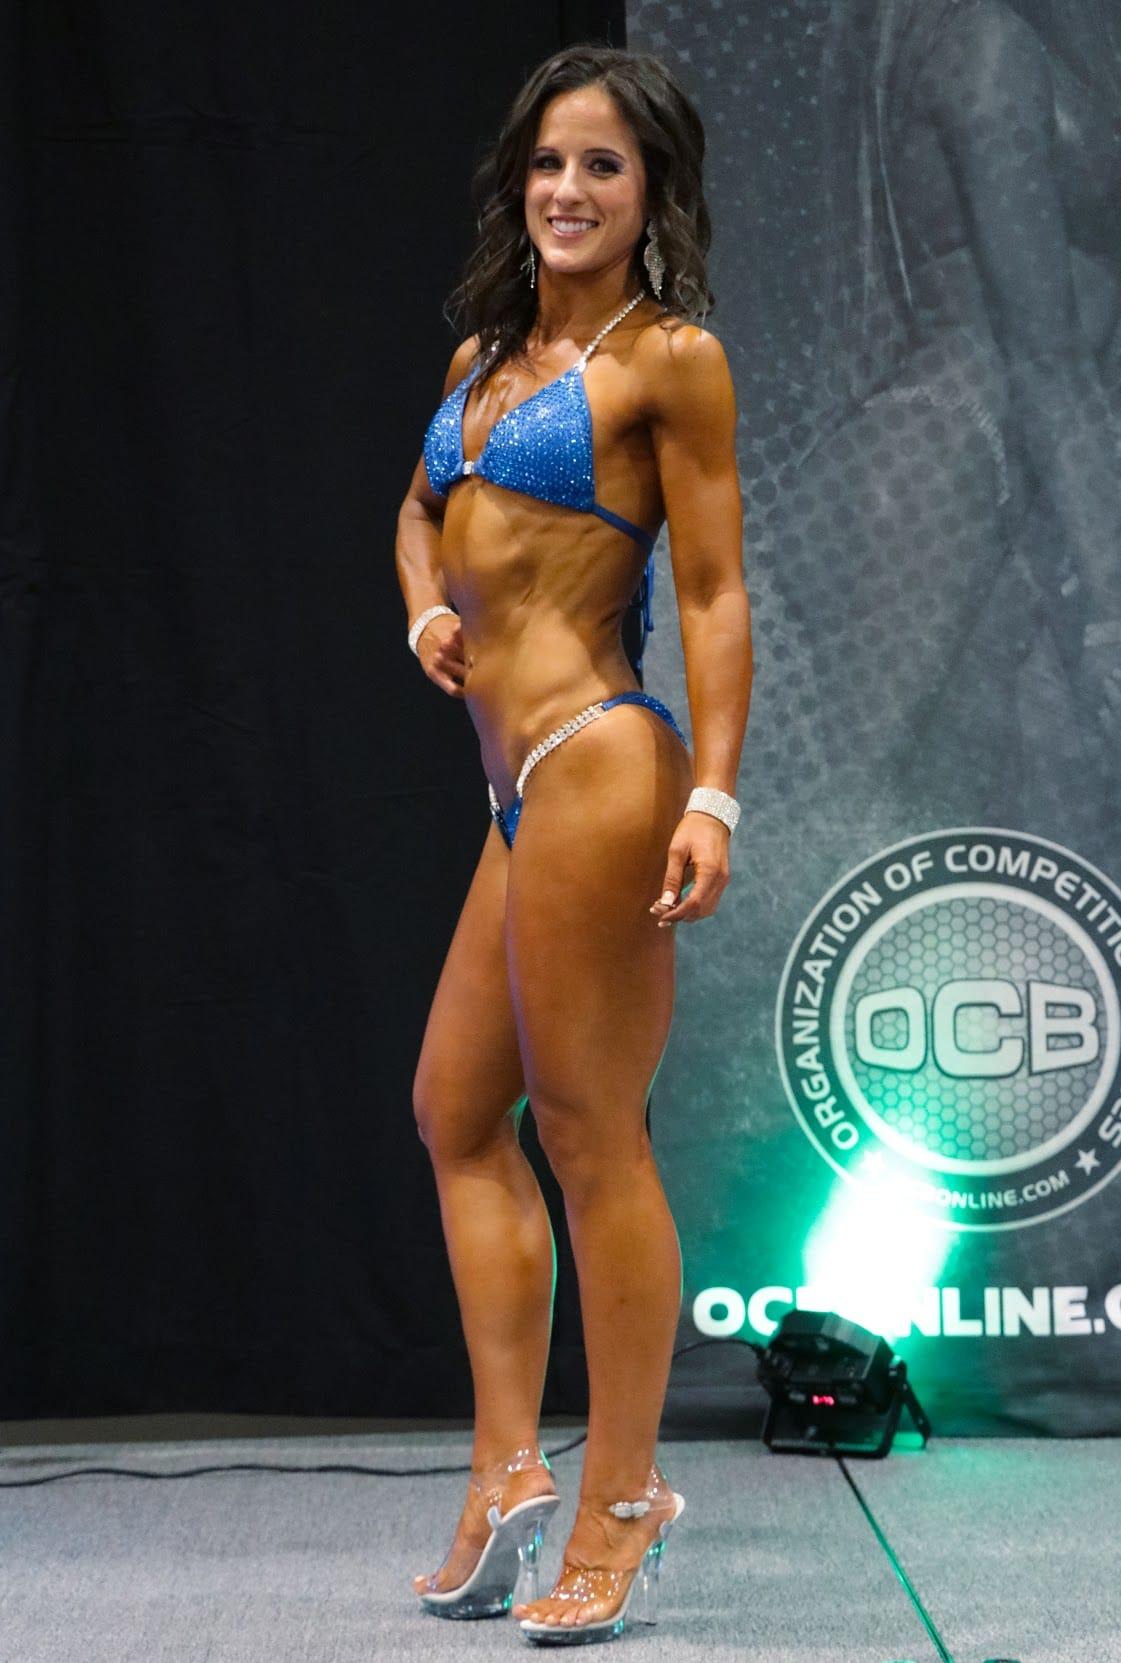 Women's Bodybuilding Bikini Division Competitor